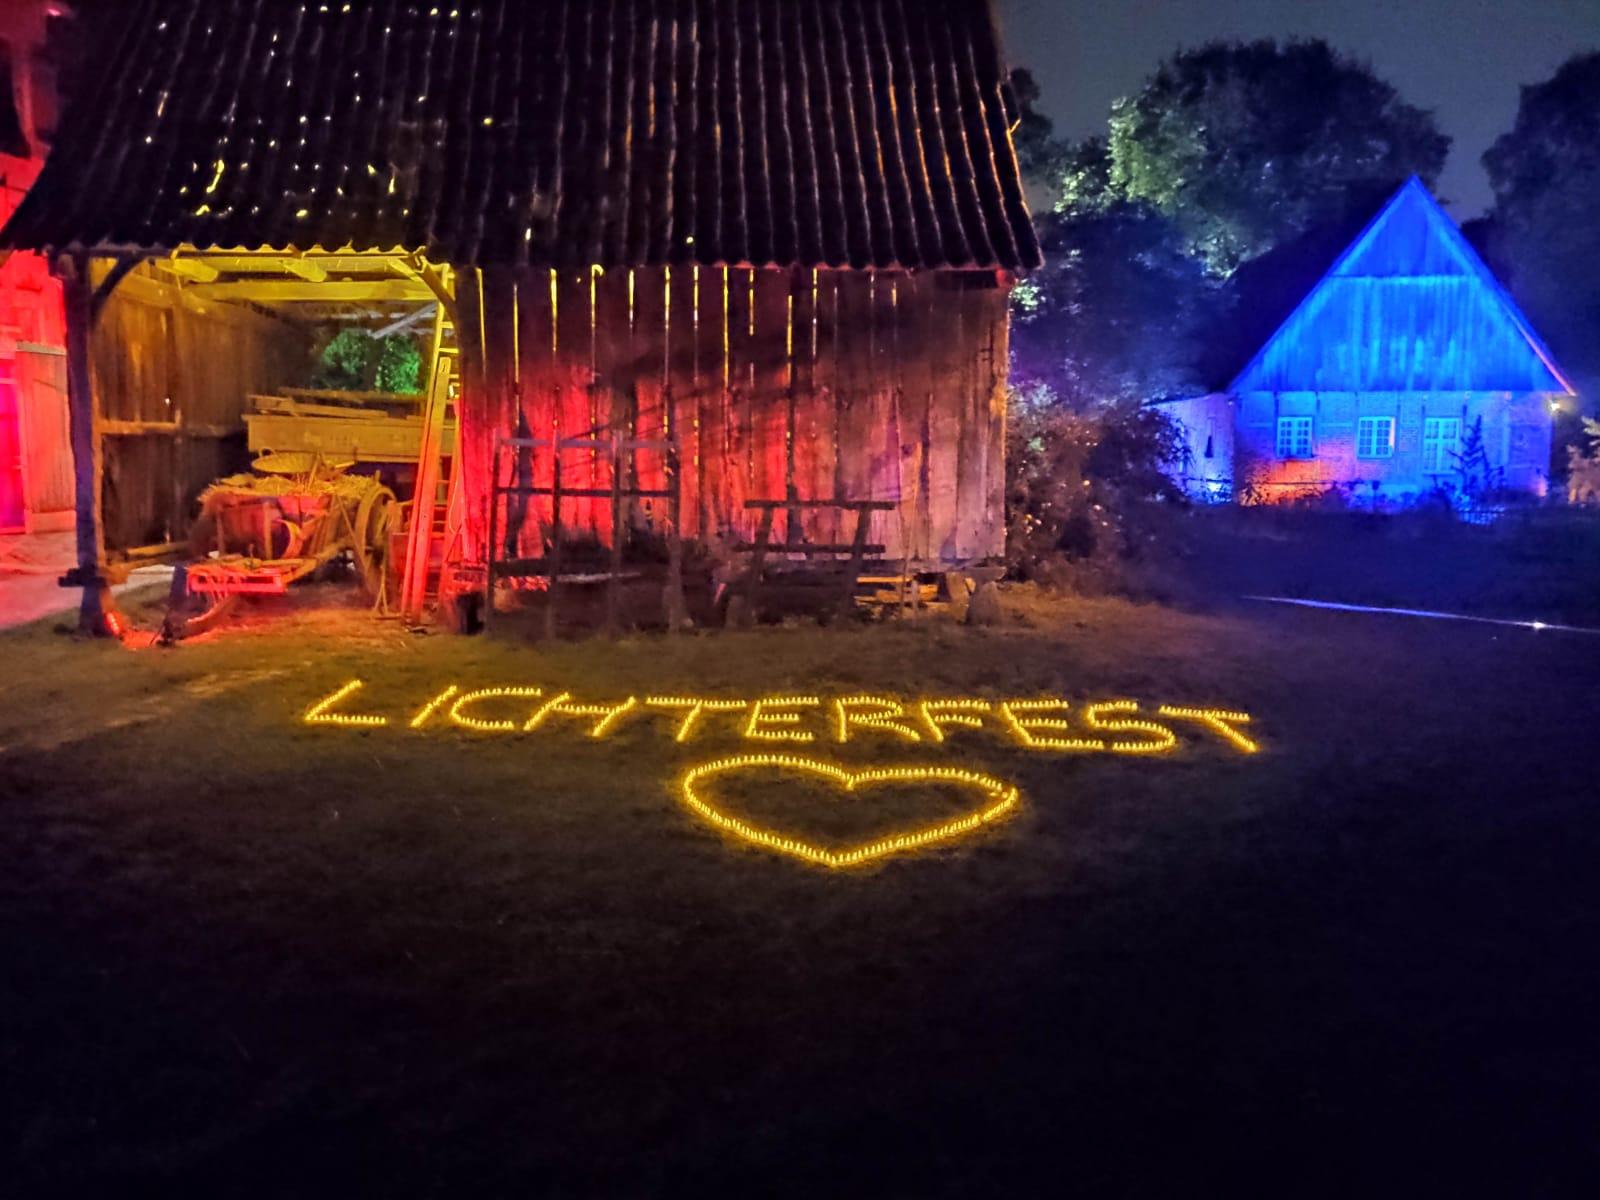 Lichterfest 2019